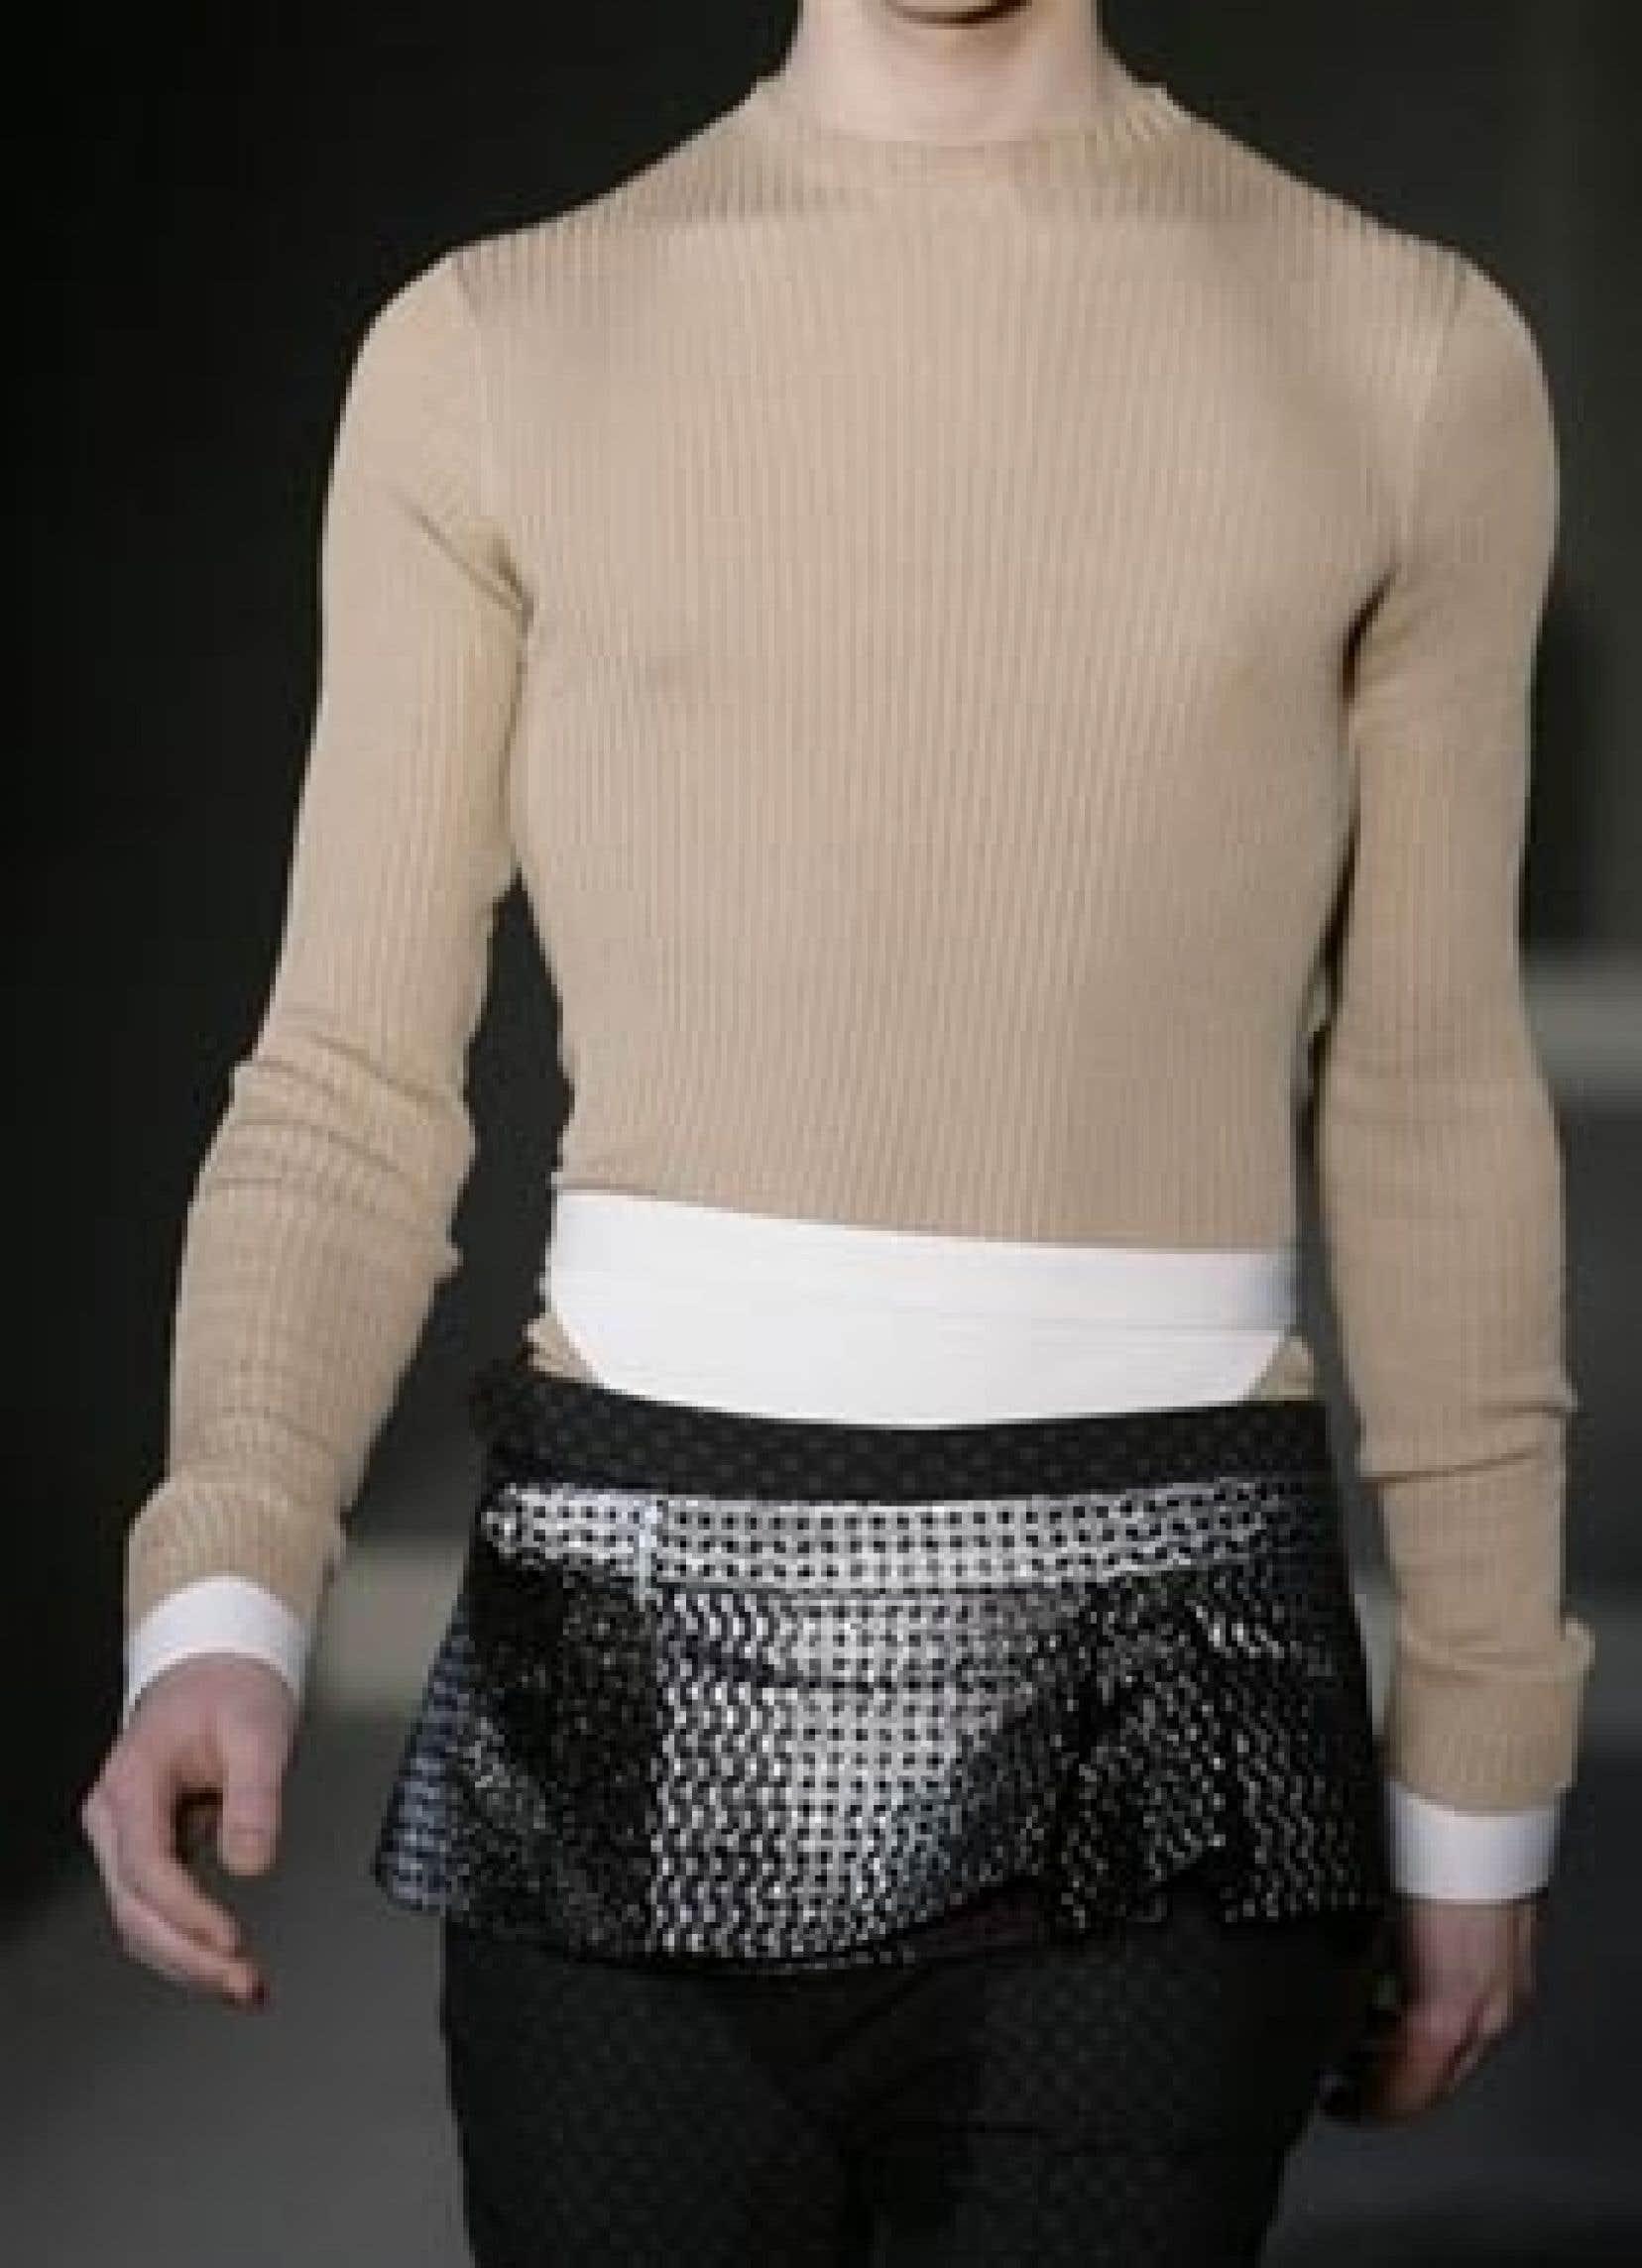 De la collection Prada automne-hiver 2008-09.